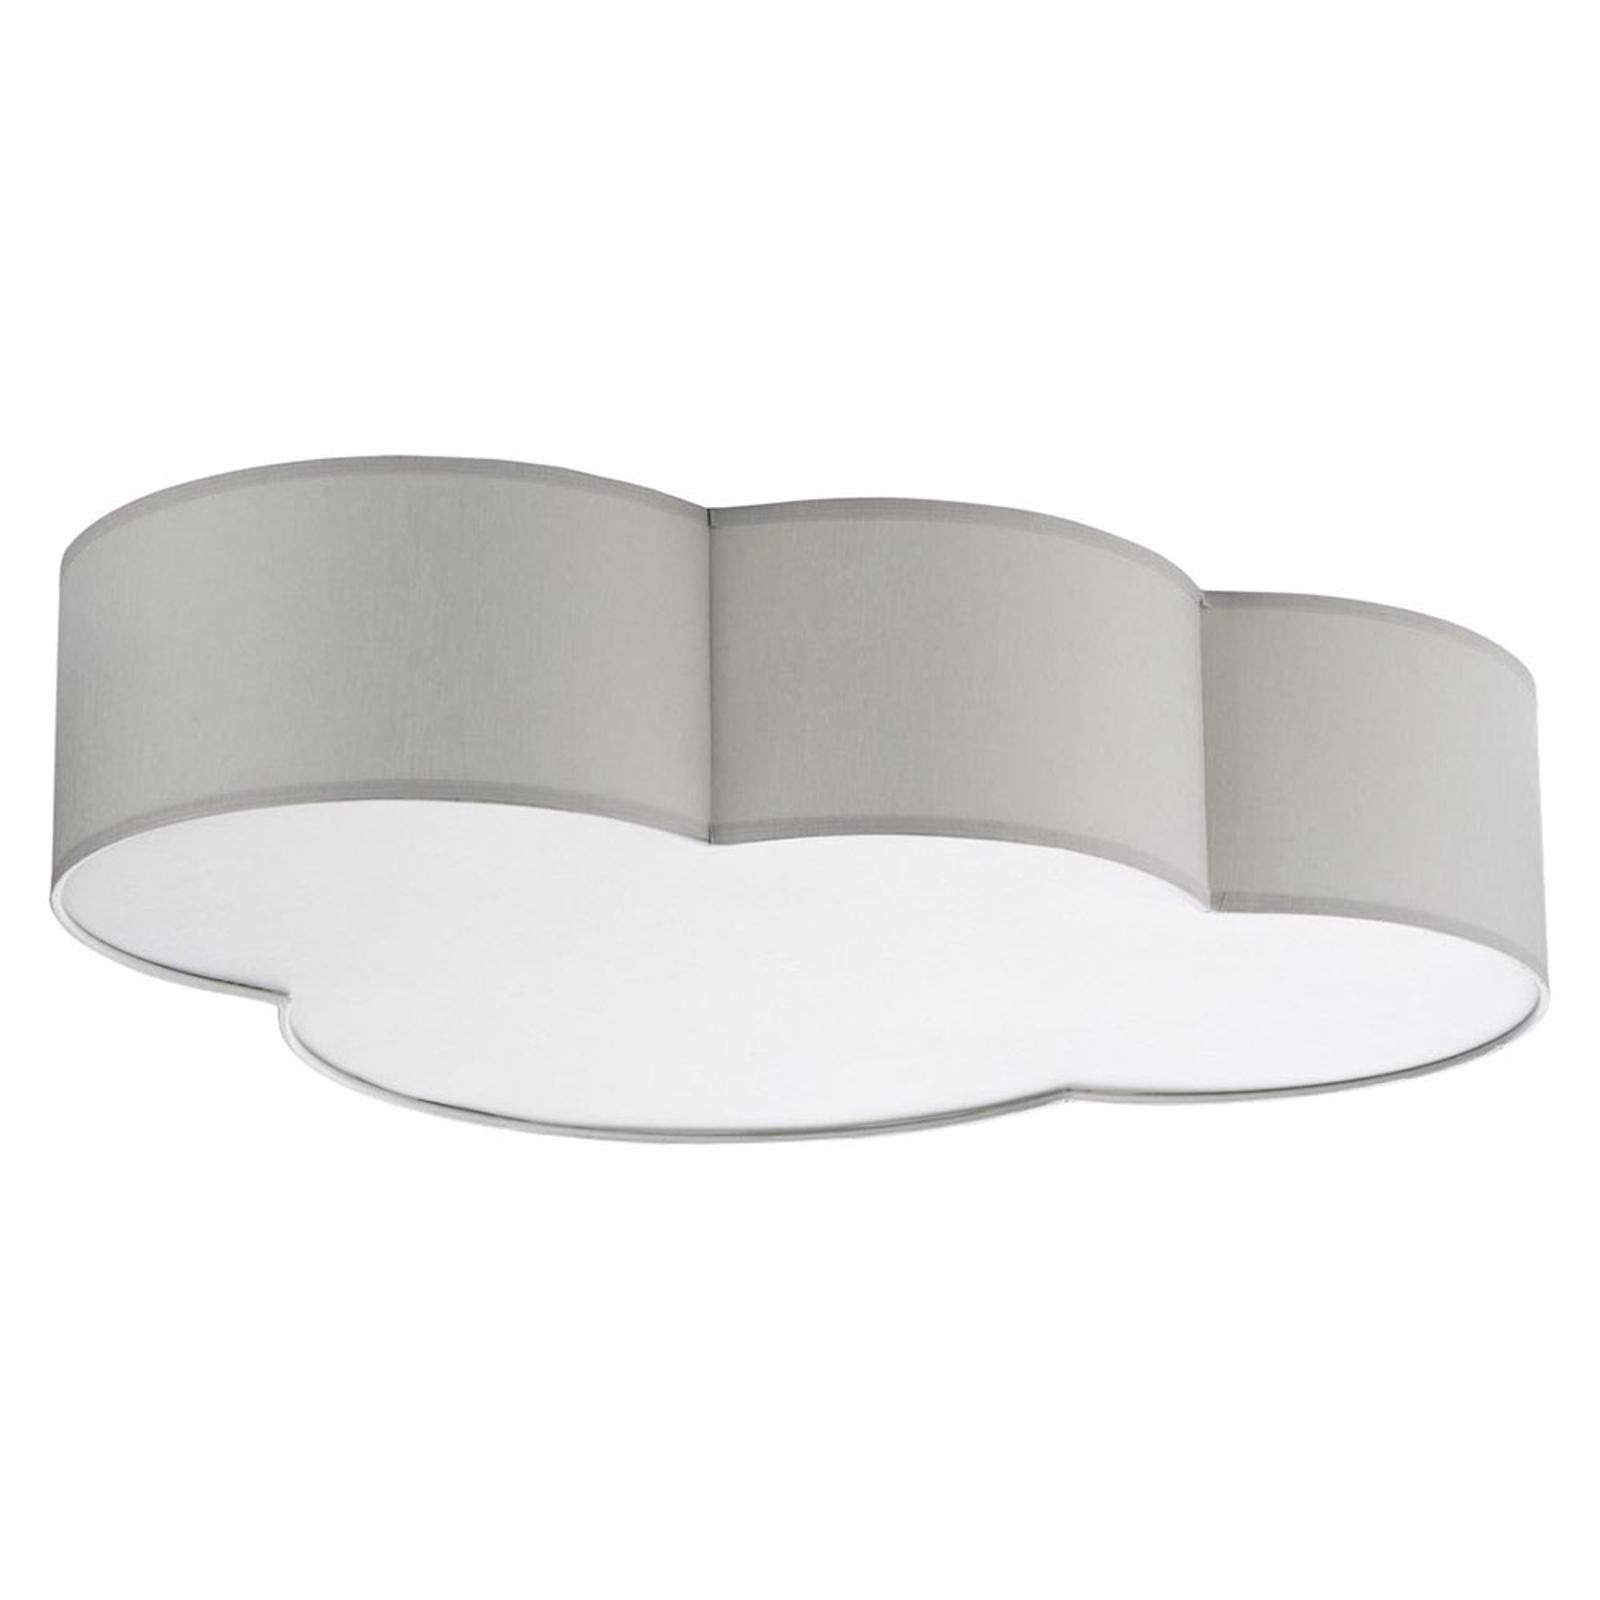 Taklampe Cloud av tekstil, lengde 62 cm, grå